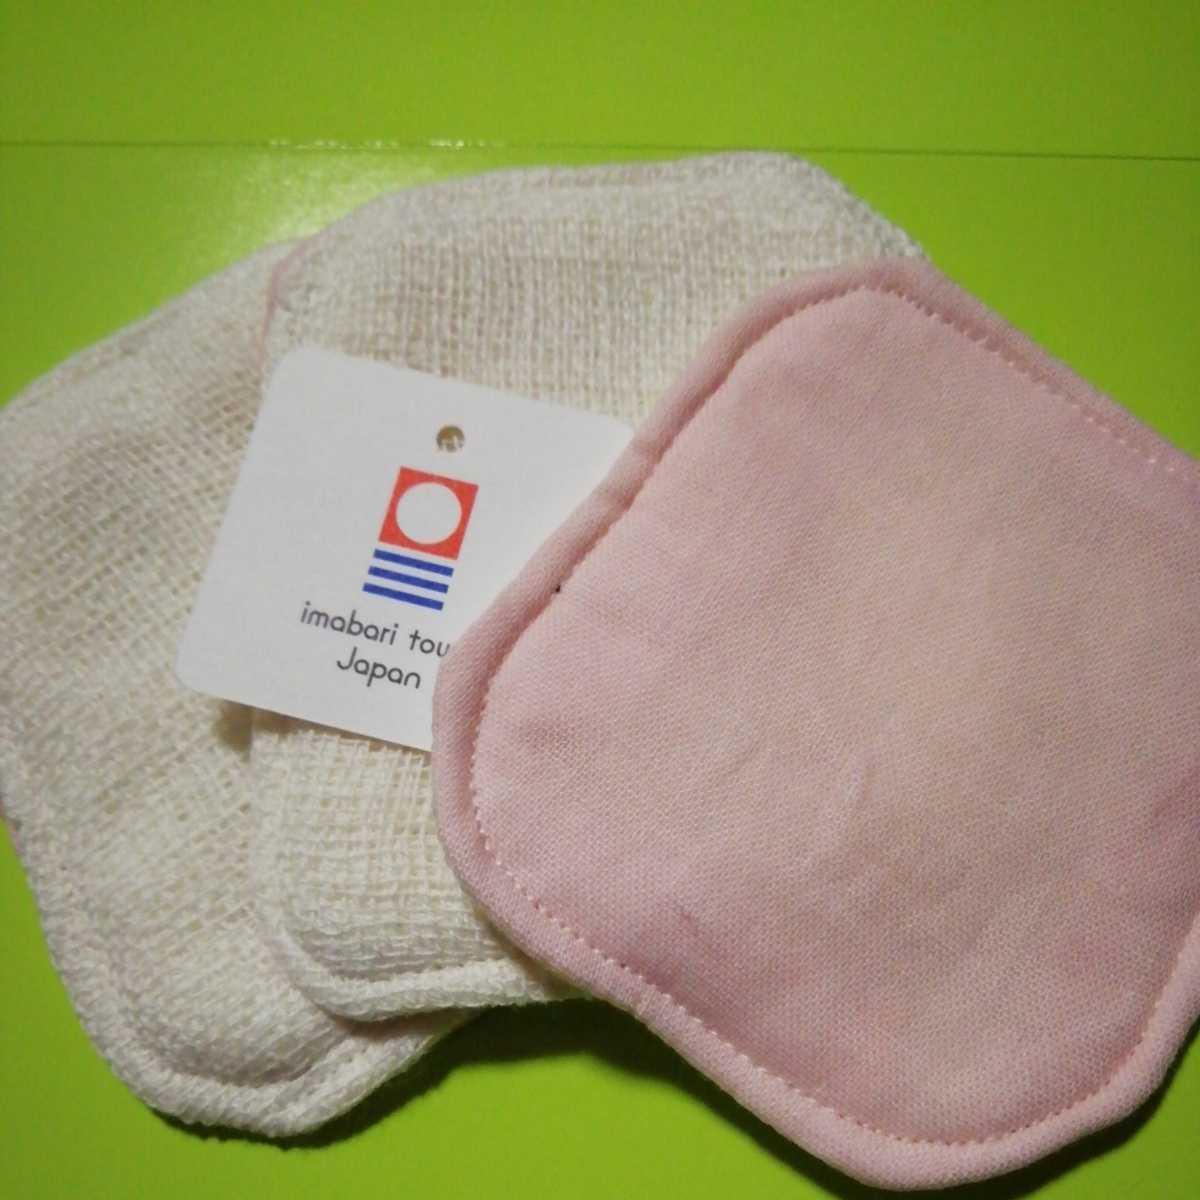 インナーマスク3枚 今治産ガーゼ使用 無地ピンク 洗濯可/超快適/汚れ防止/鼻水グチュグチュ対策 ハンドメイド手作り